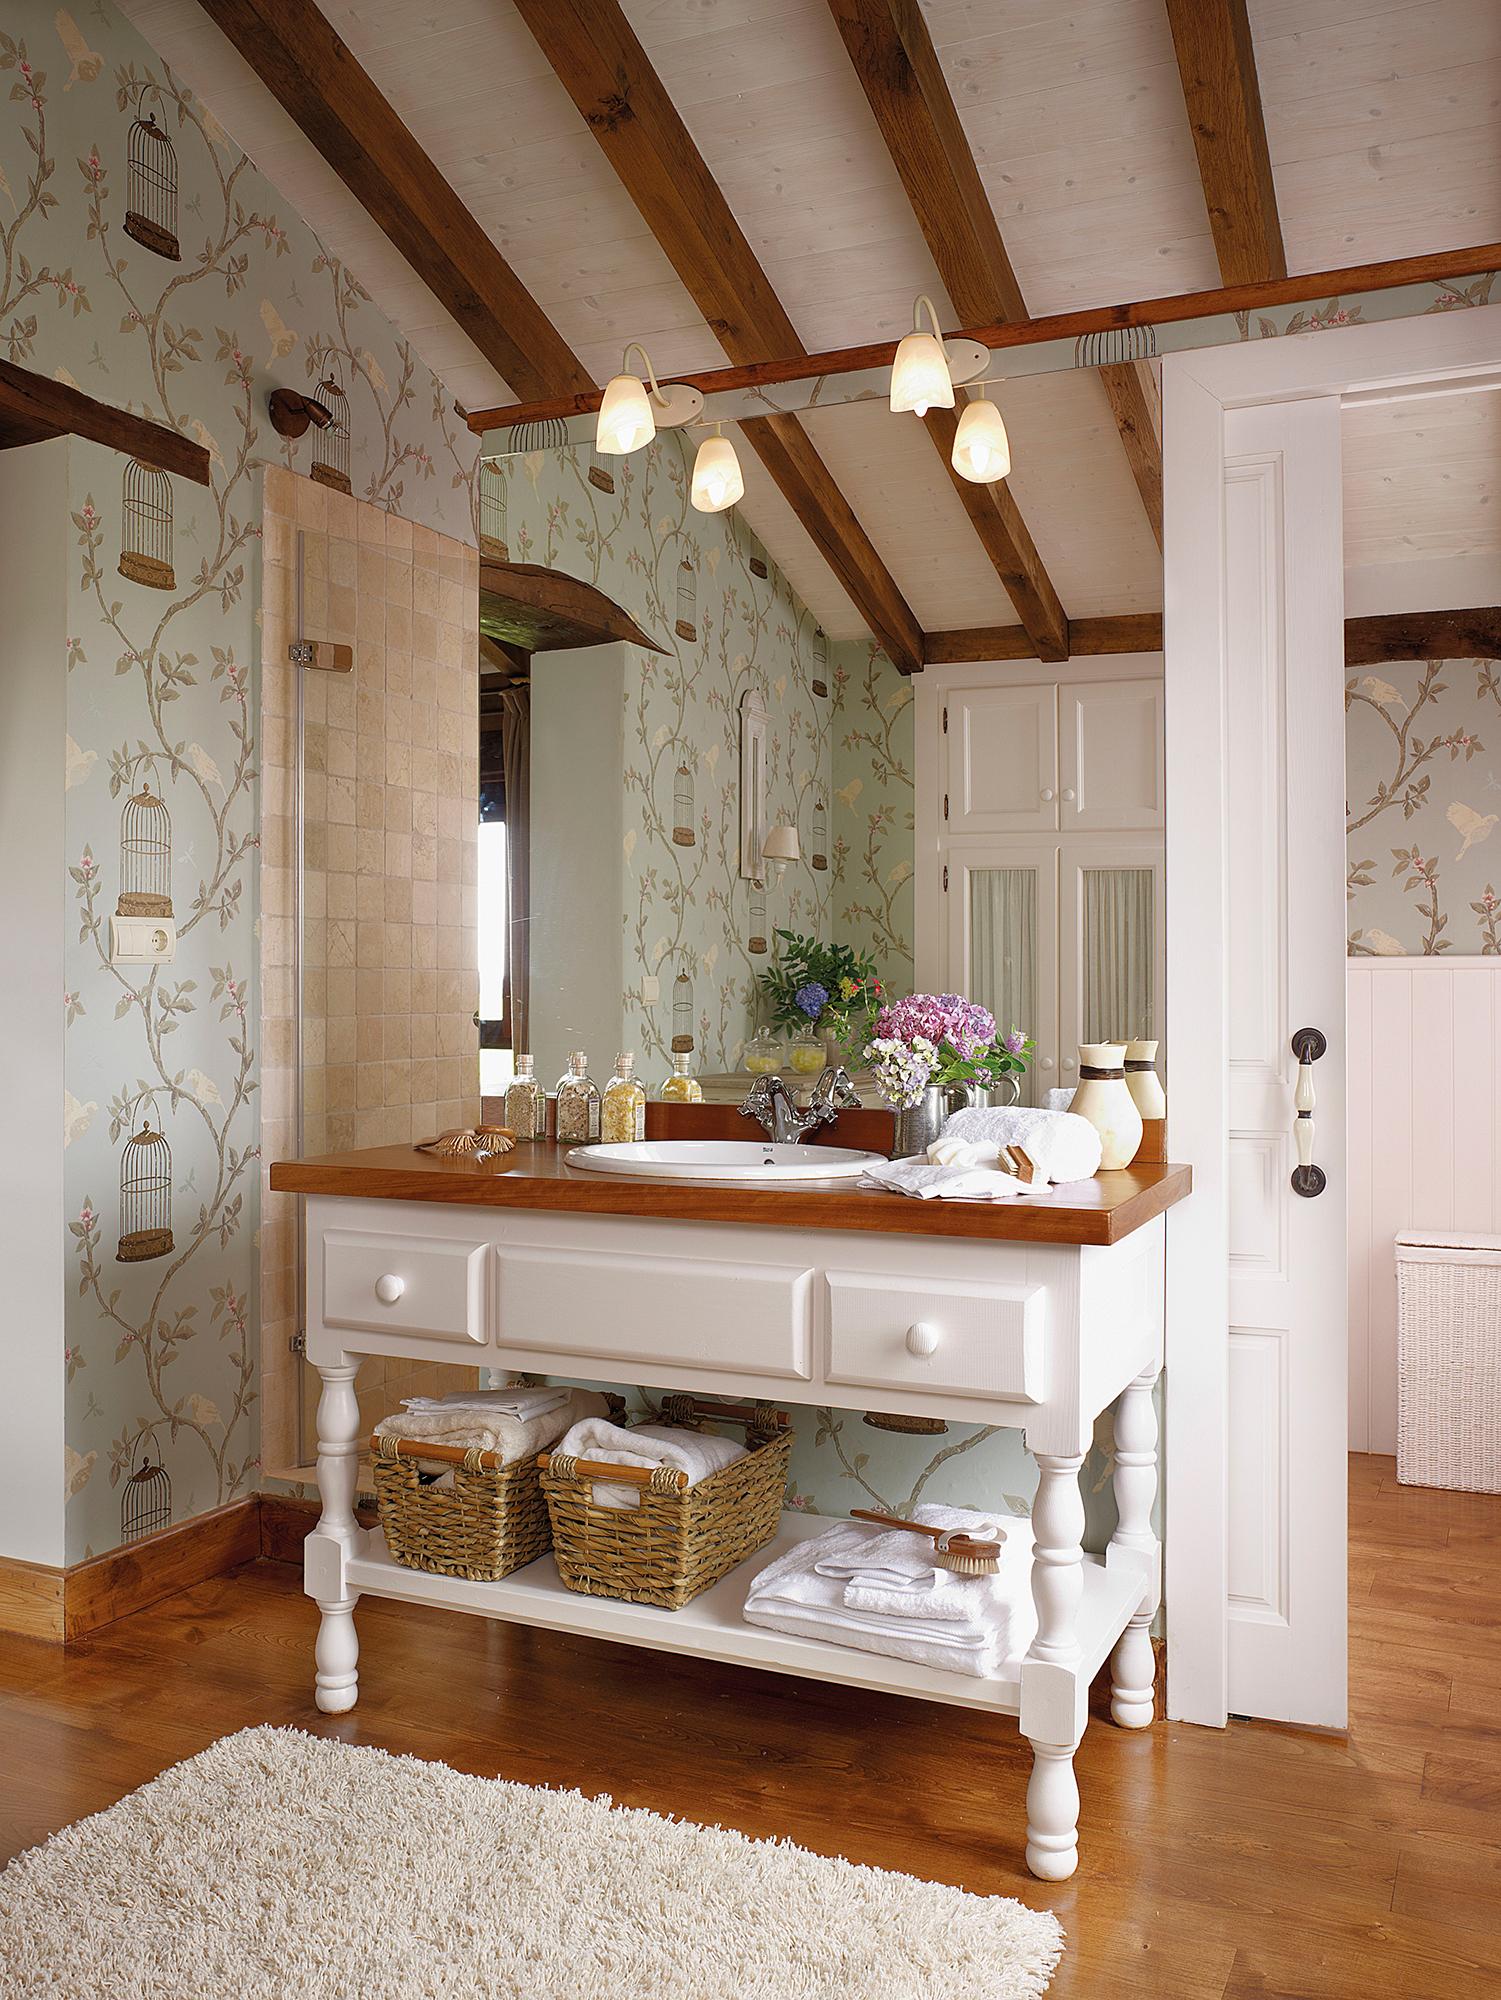 72d6f13c922eb Baño clásico con paredes revestidas de papel y mueble bajolavabo de  madera 00297233. Encastrado